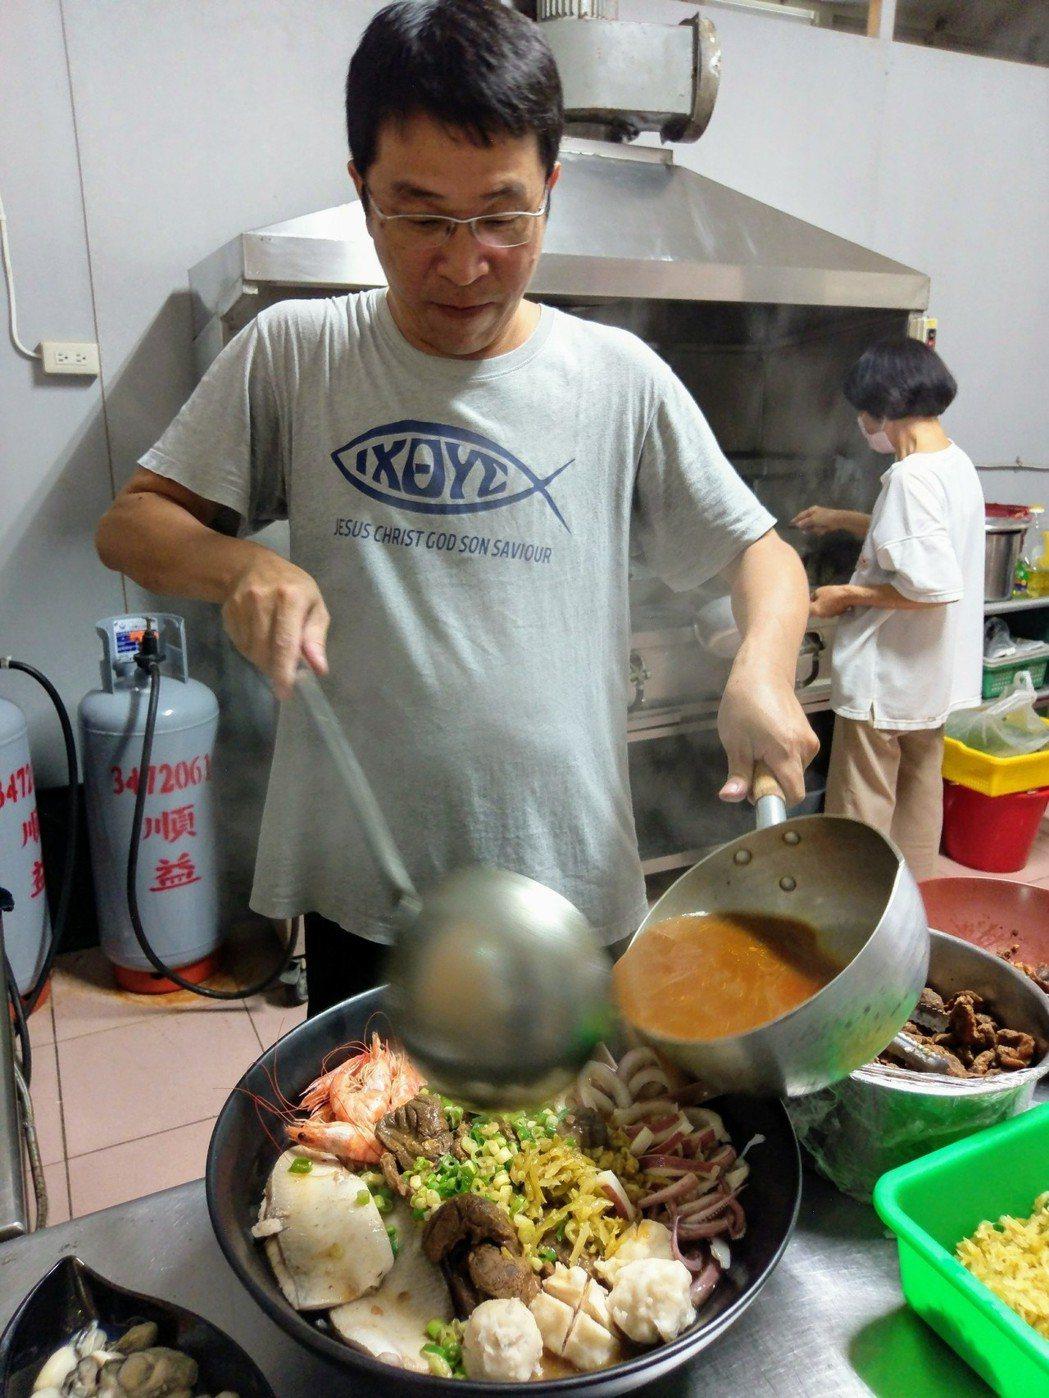 陳怡樵強調,海鮮食材都是當天產地採買、新鮮製作。記者卜敏正/攝影